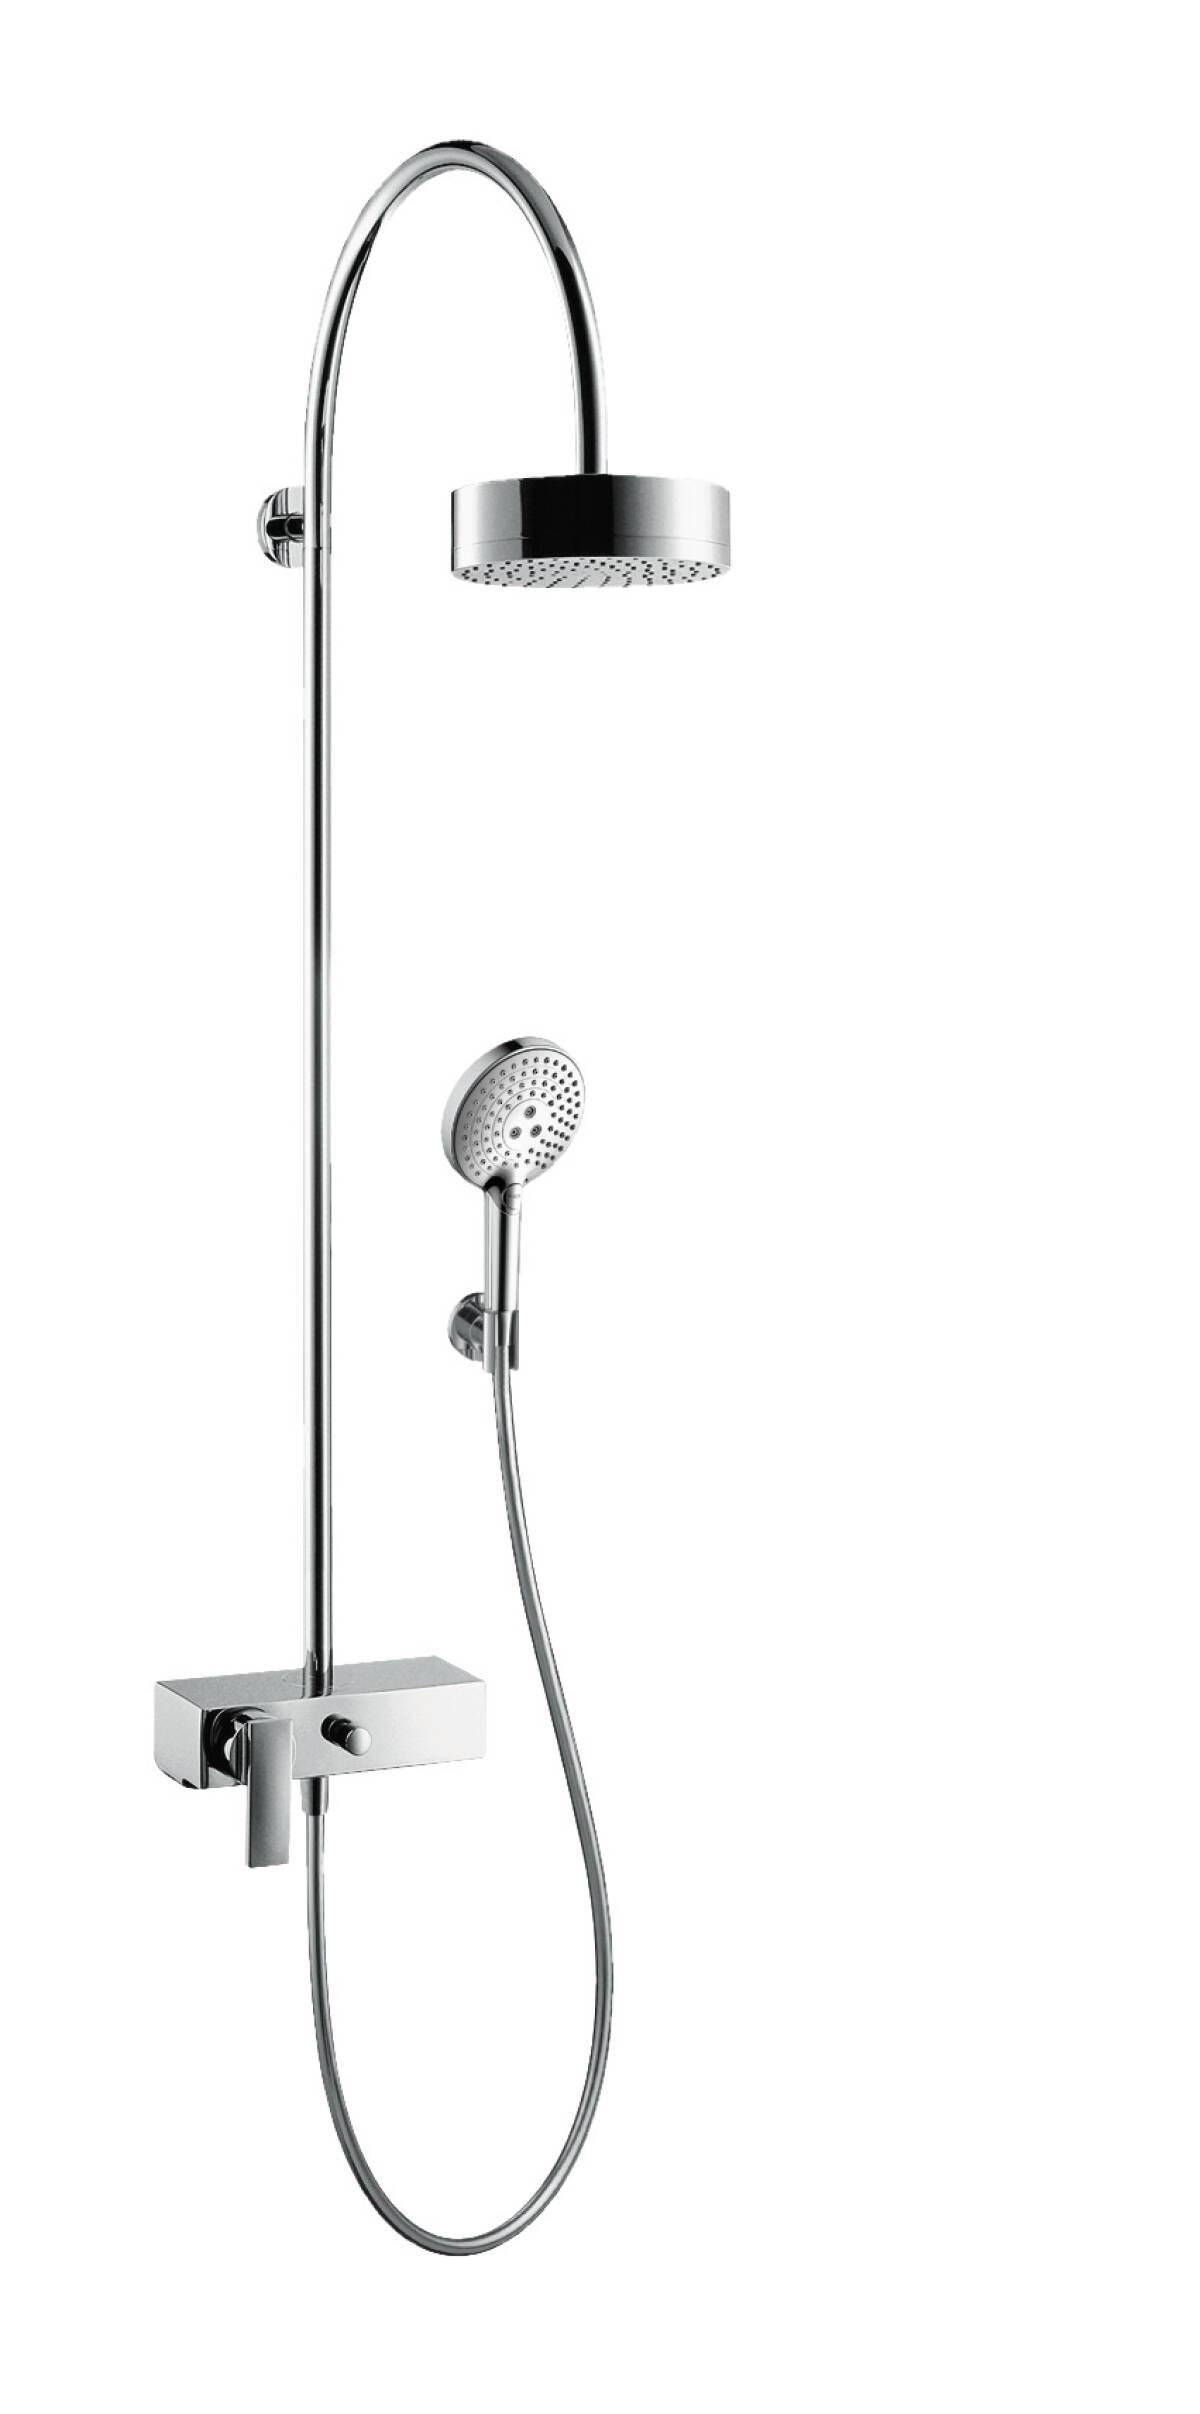 Showerpipe mit Einhebelmischer und Kopfbrause 180 1jet, chrom, 39620000